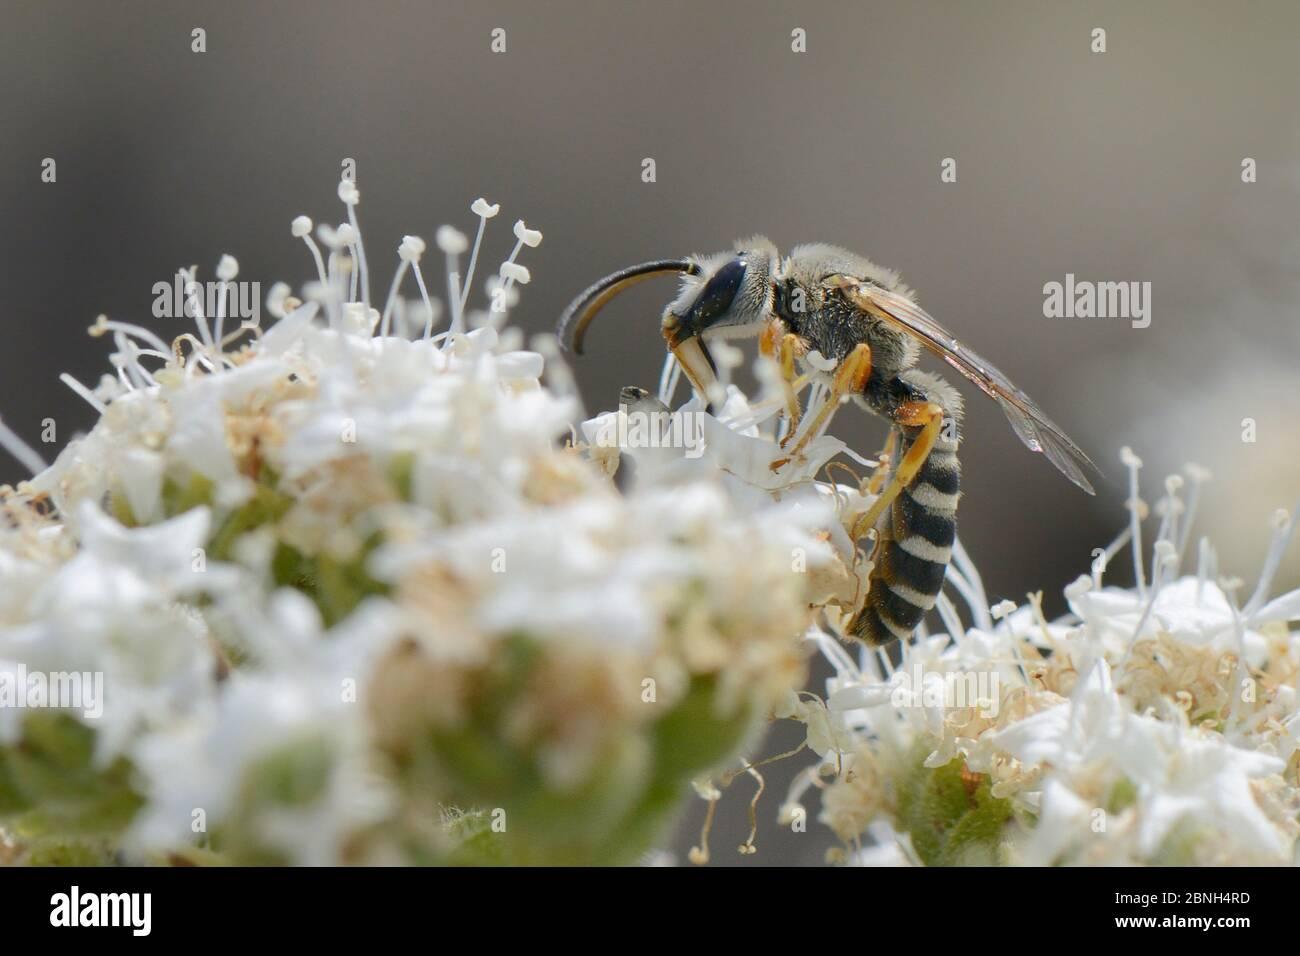 Schwitzbiene (Halictus cf. Brunnescens) Weibchen auf kretischer Organo (Origanum onites), Lesbos/ Lesvos, Griechenland. Stockfoto